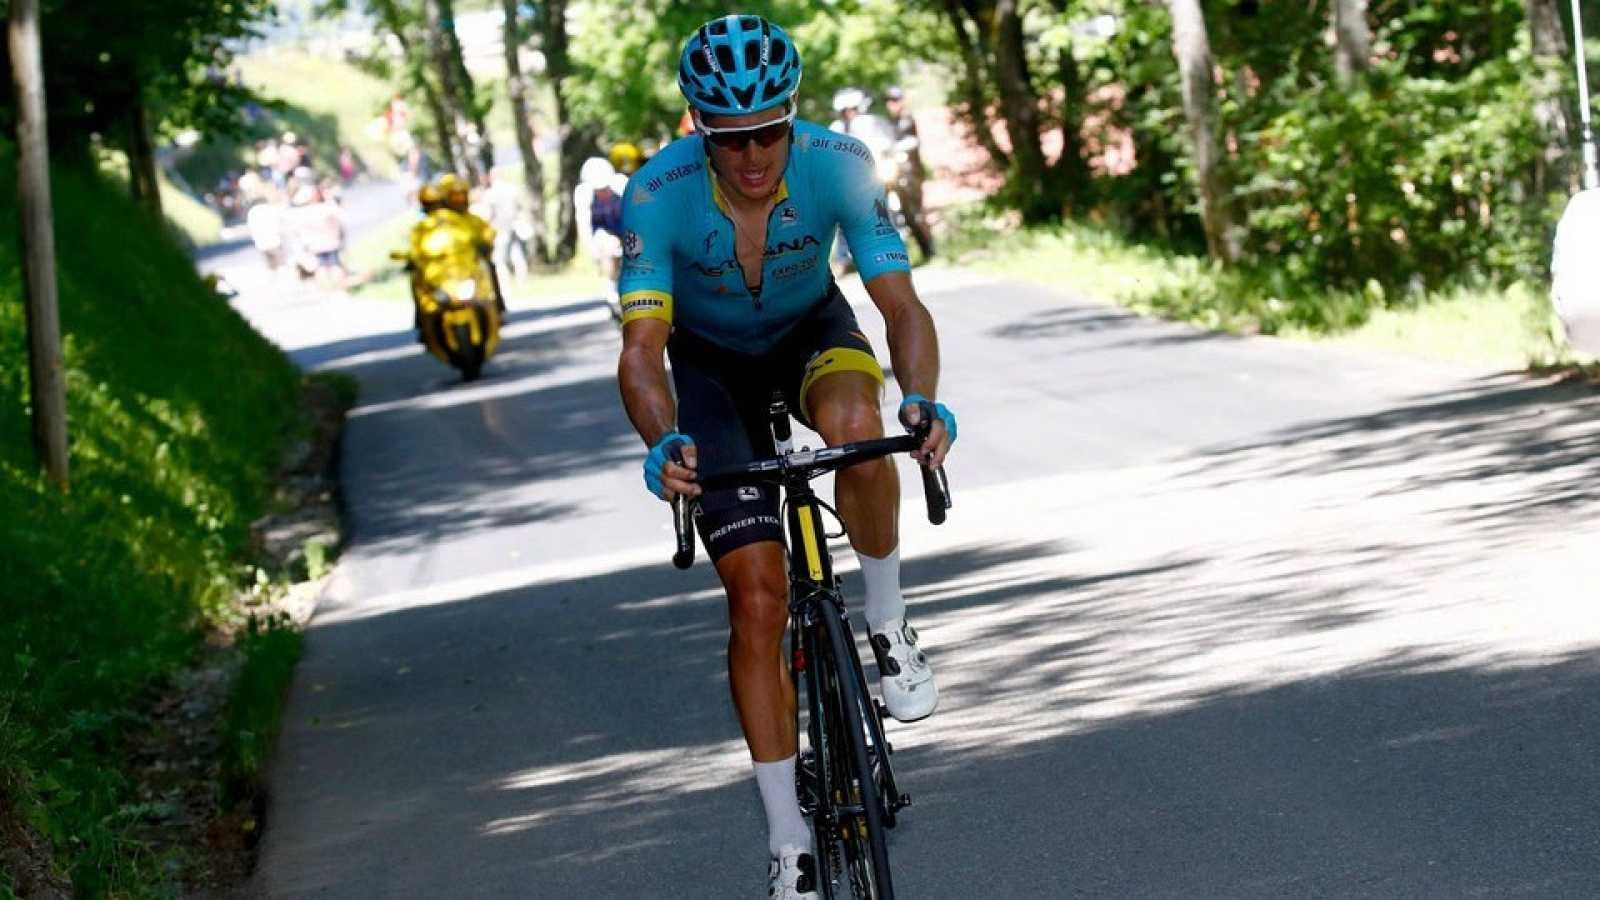 Imagen de Jakob Fuglsang durante una carrera ciclista